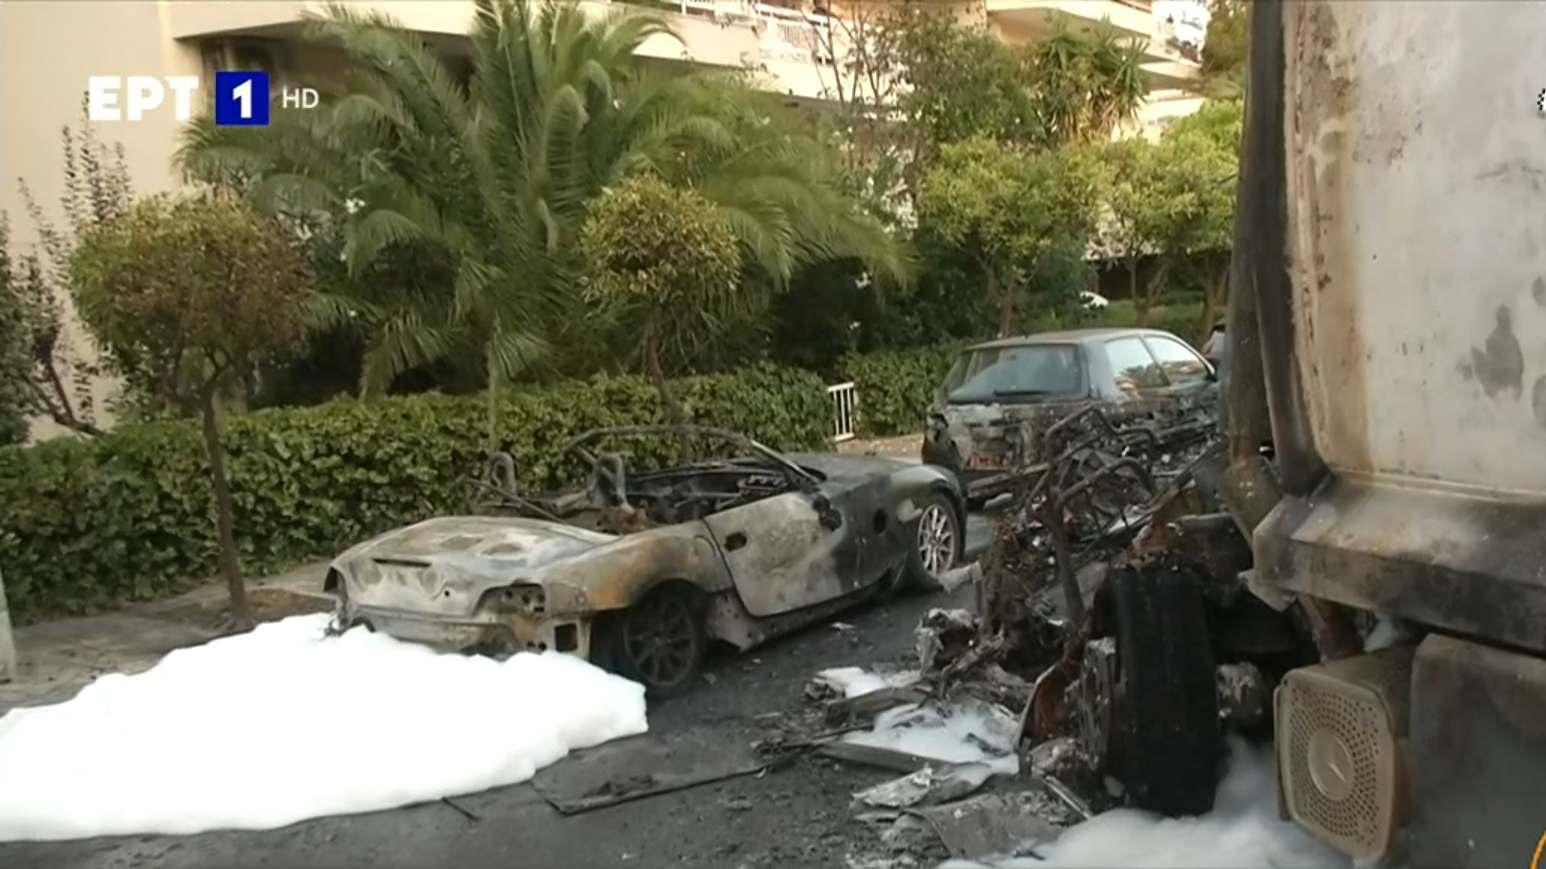 Τρομερό τροχαίο στο Καβούρι: Εκρήξεις και φωτιά σε αυτοκίνητα